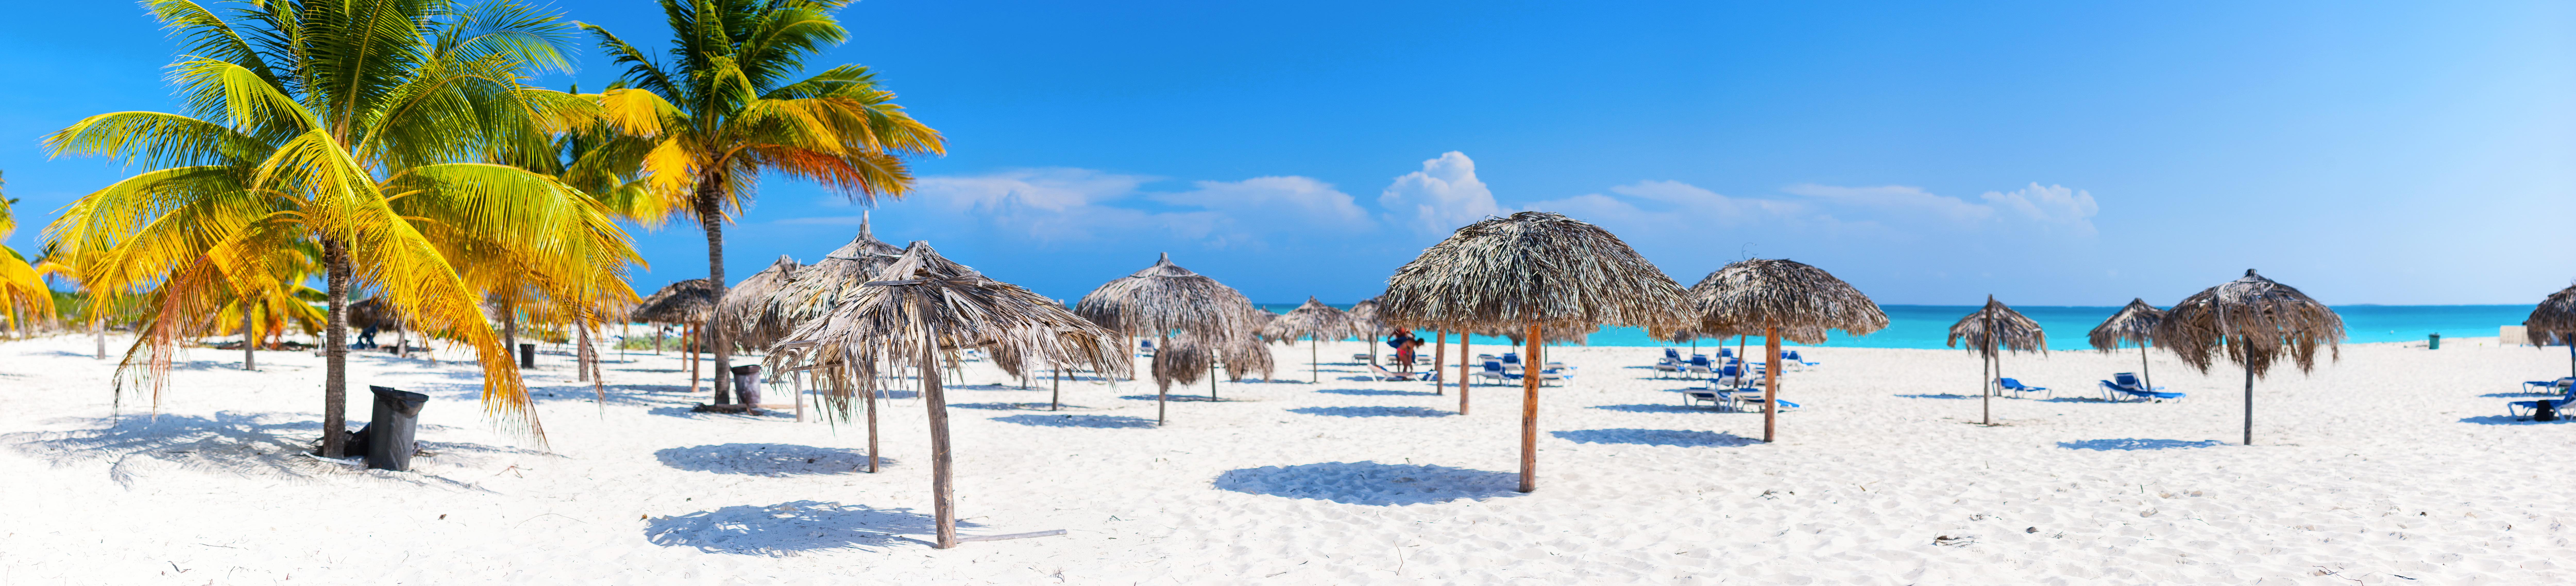 Le climat de Cuba